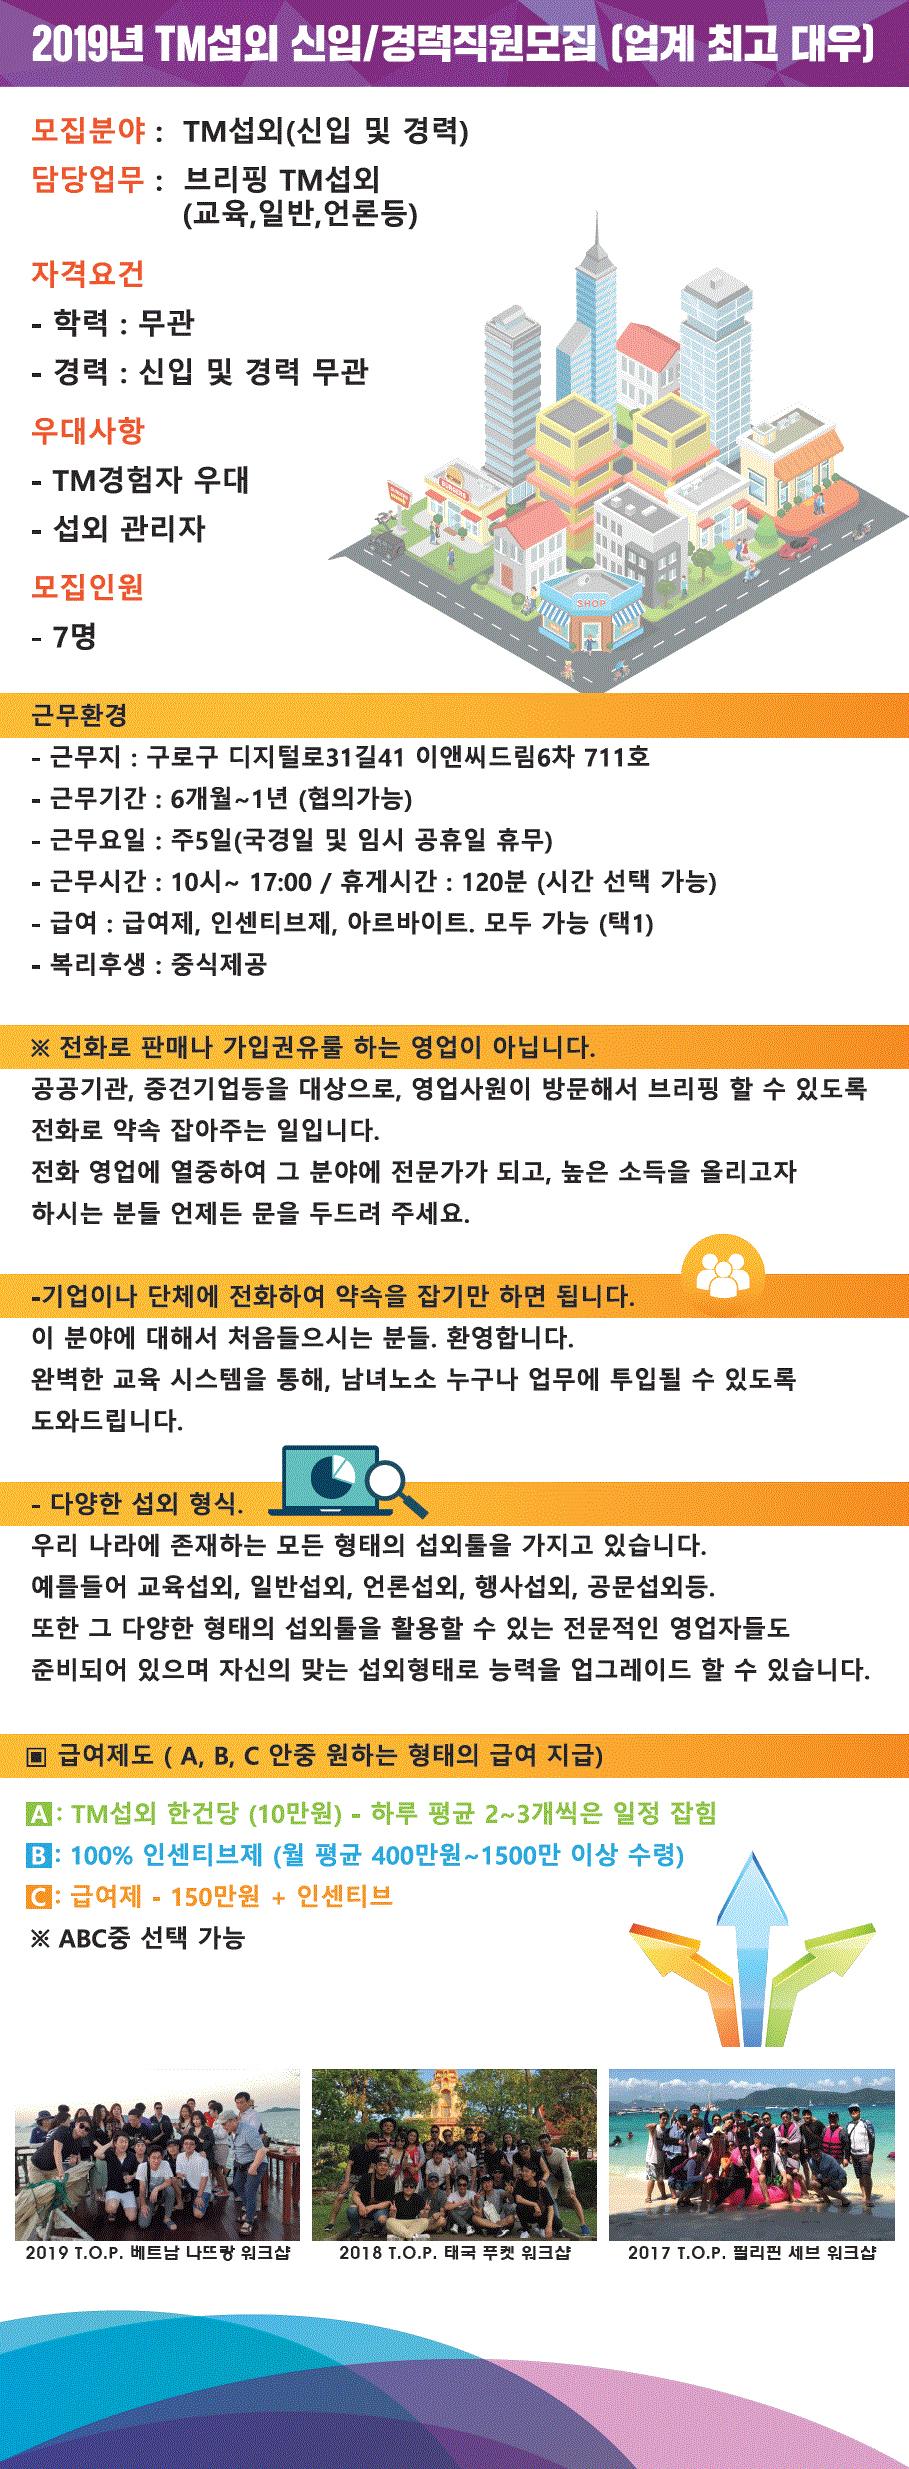 2019년 TM 섭외 신입/경력직원모집